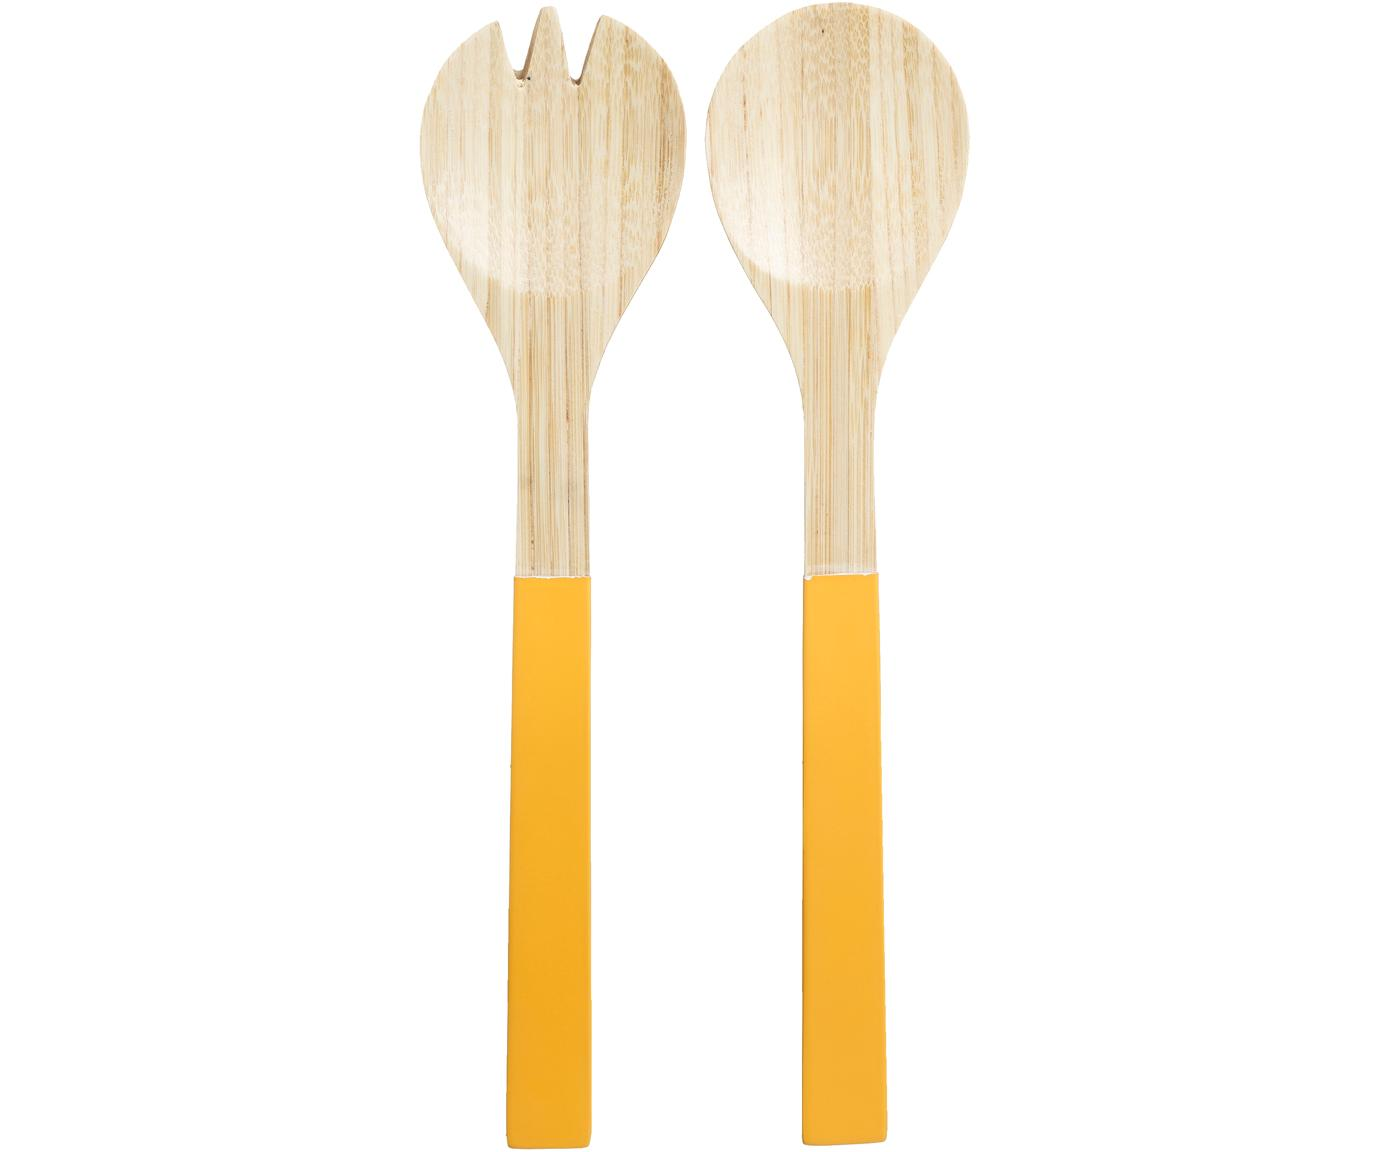 Komplet sztućców do sałatek z drewna bambusowego Panda, 2 elem., Drewno bambusowe, Żółty, D 30 cm